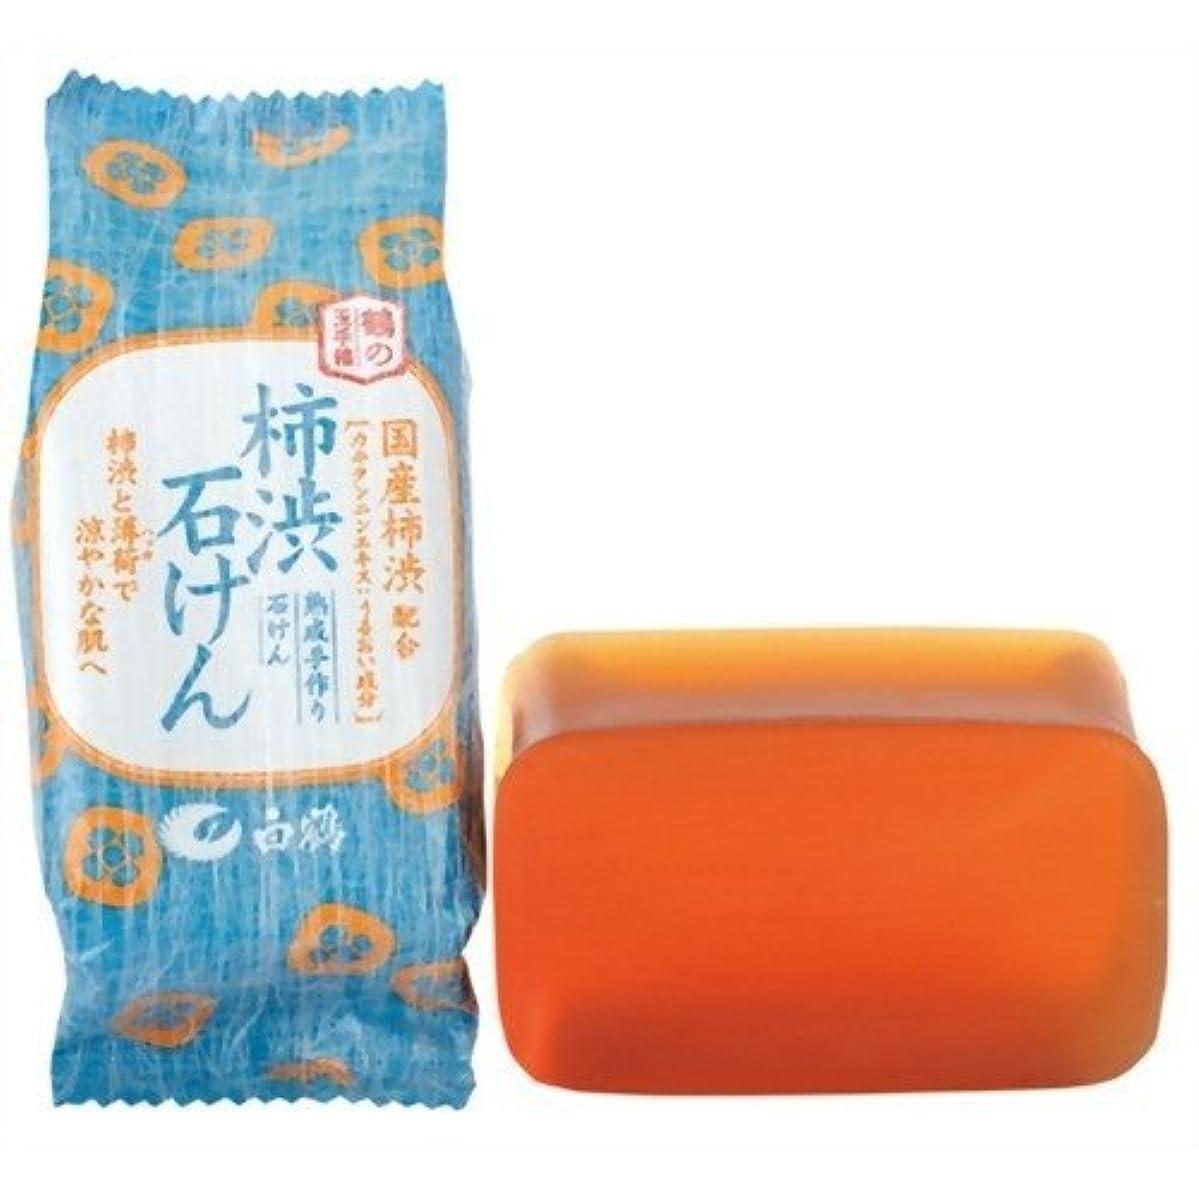 驚くべき軽減するセージ白鶴 鶴の玉手箱 薬用 柿渋石けん 110g × 10個